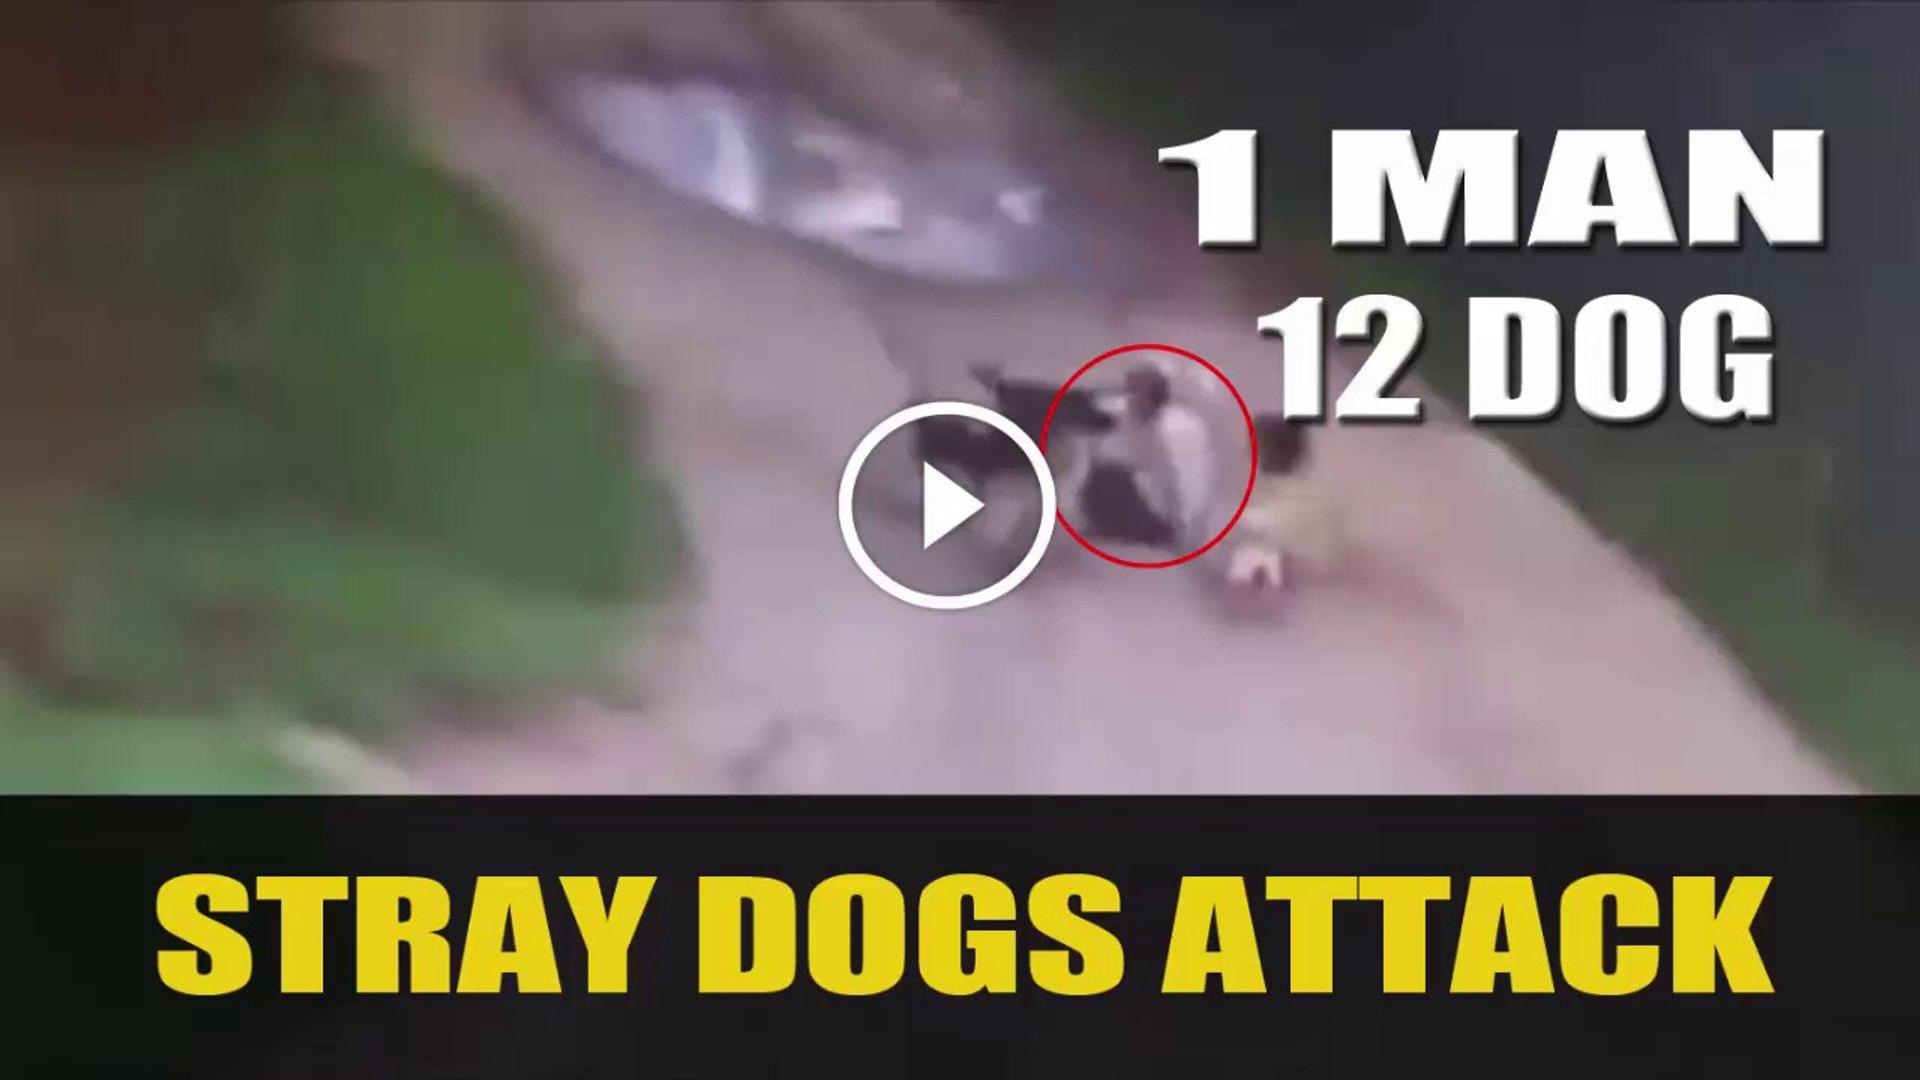 ADAMI OLDUREN KOPEKLER - STRAY DOGS ATTACK